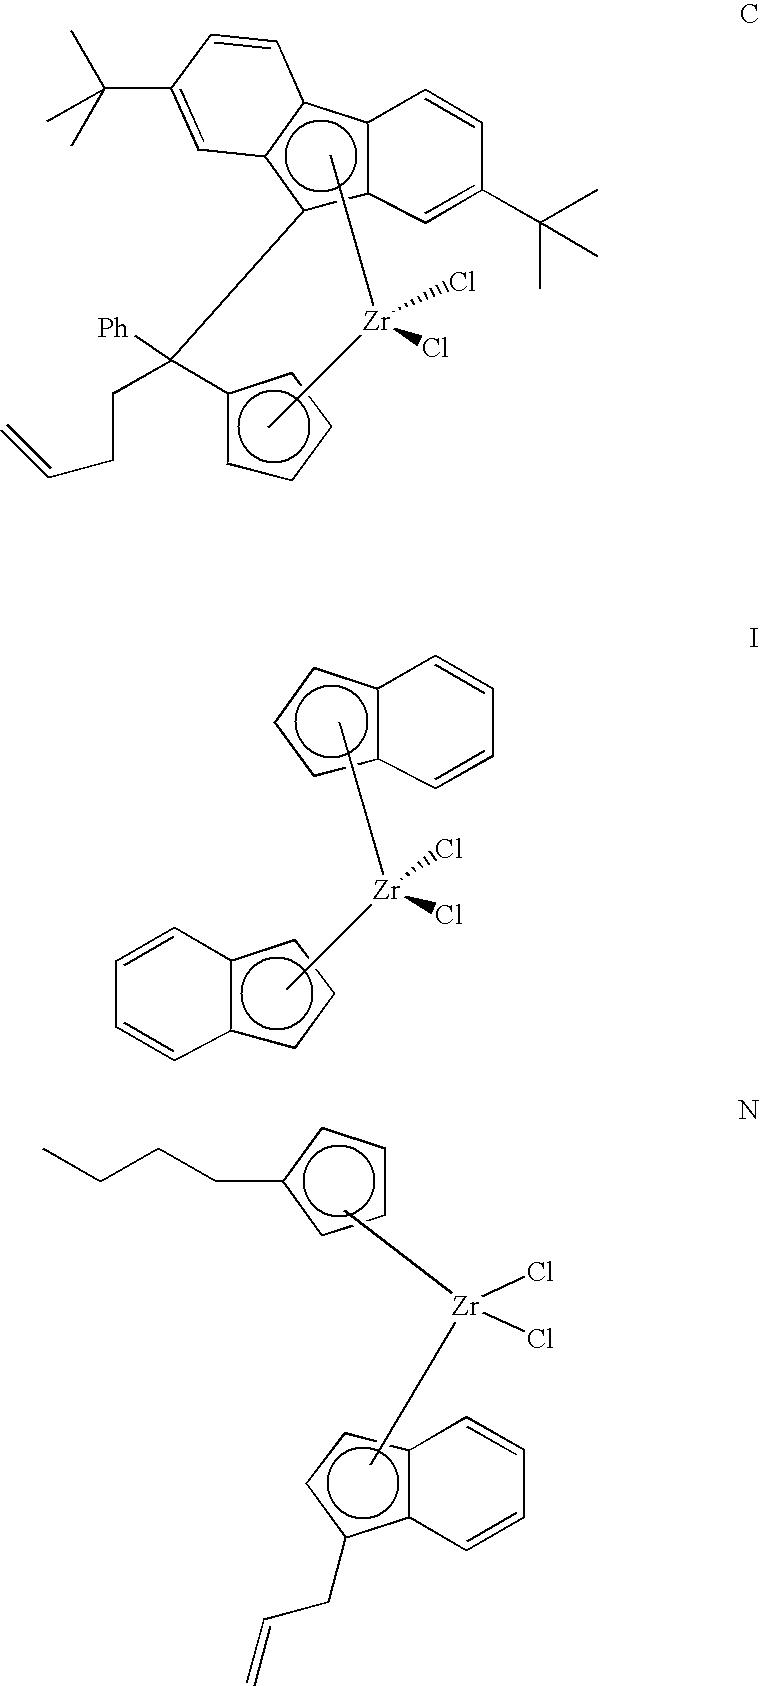 Figure US07625982-20091201-C00001